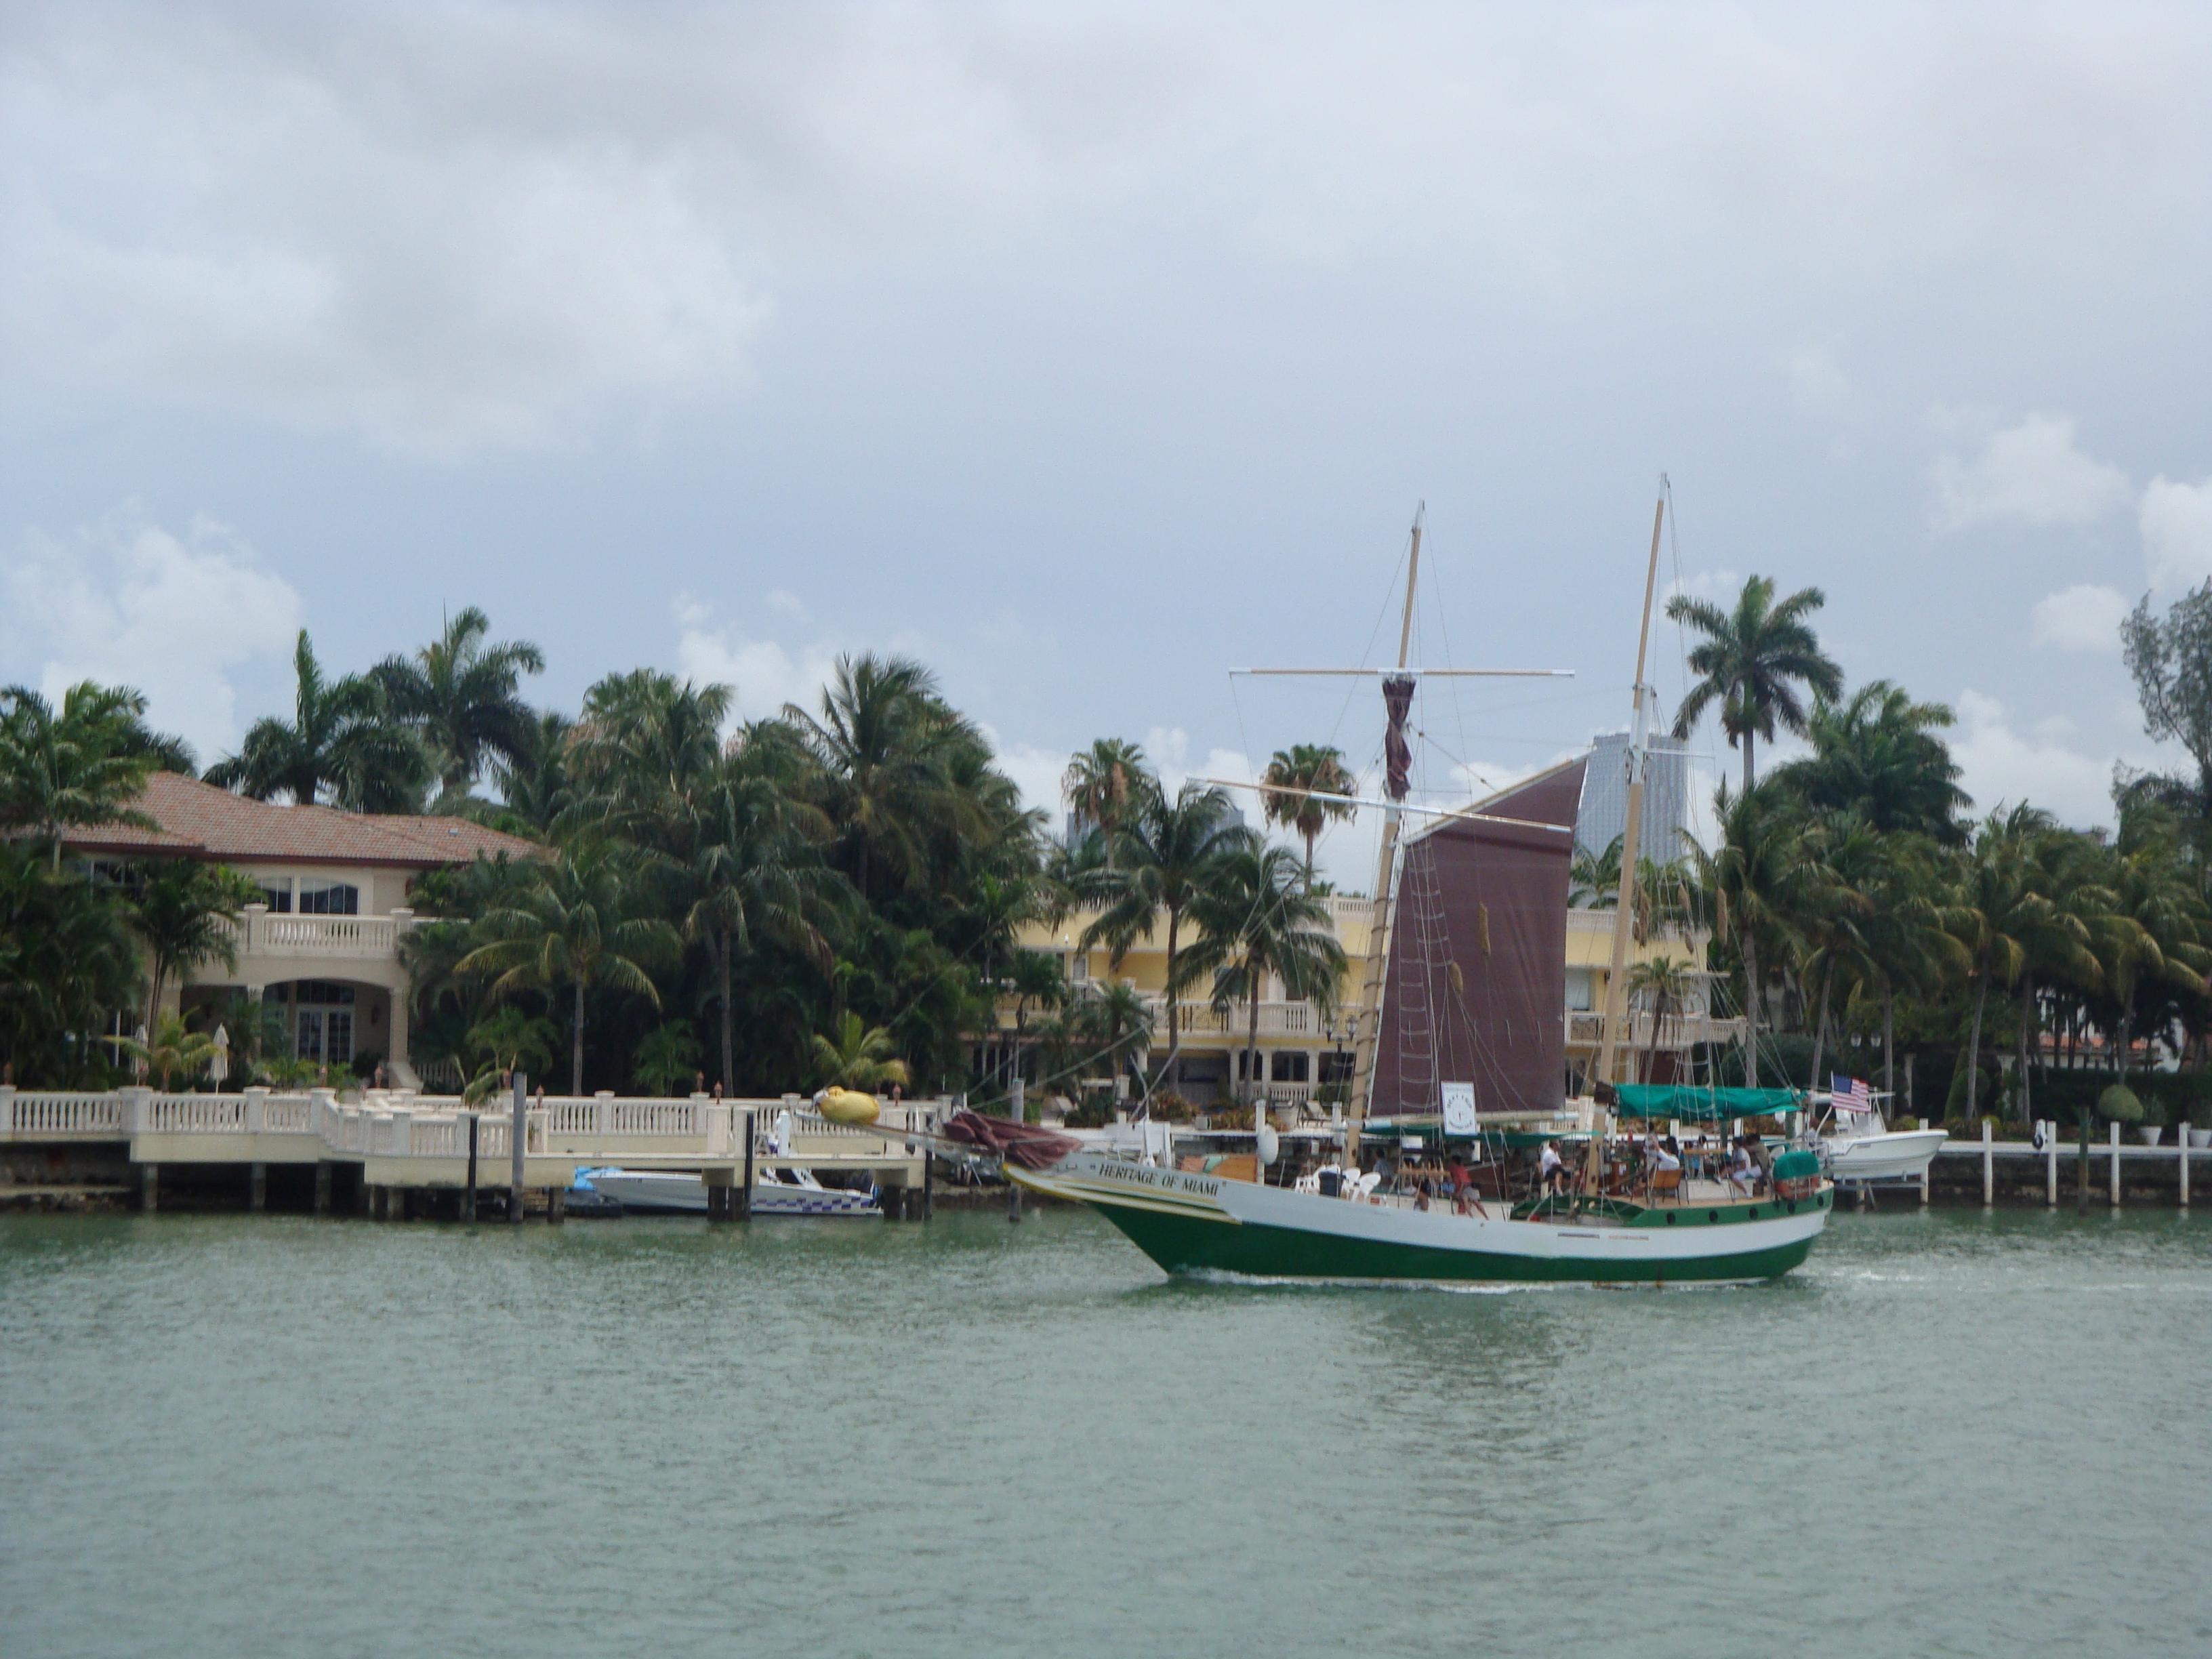 9.-Miami Beach: crucero entre islas- vista de mansiones